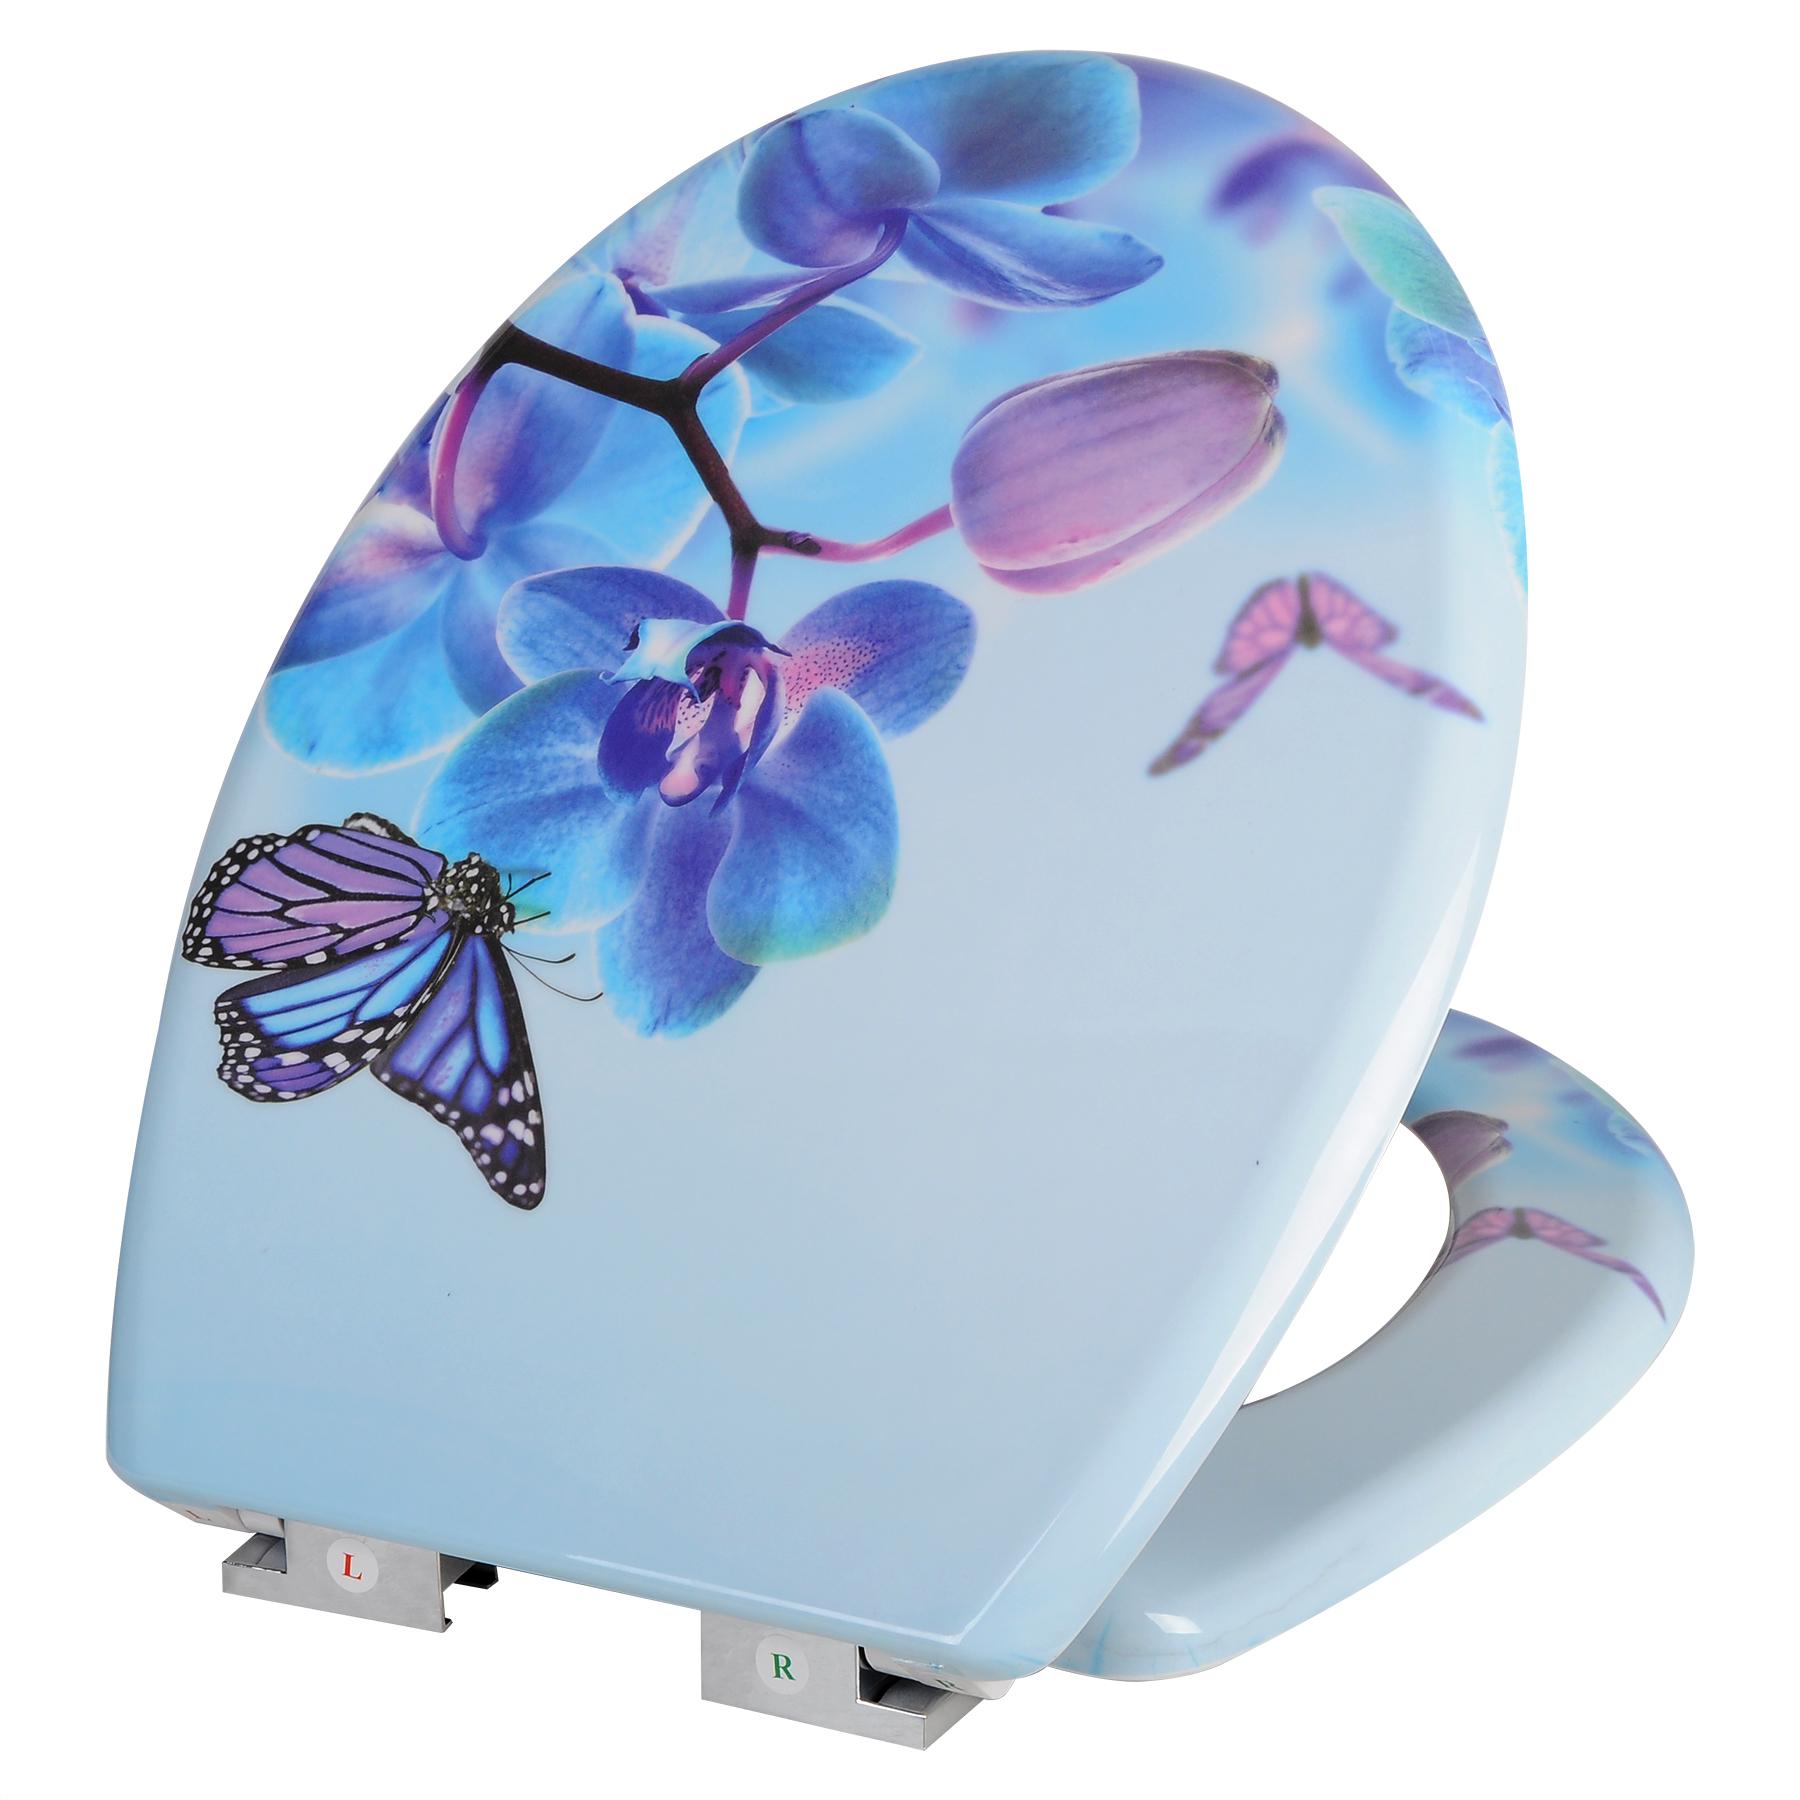 toilettensitz toilettendeckel wc deckel duroplast brille sitz klobrille ws2448 4250367124482 ebay. Black Bedroom Furniture Sets. Home Design Ideas